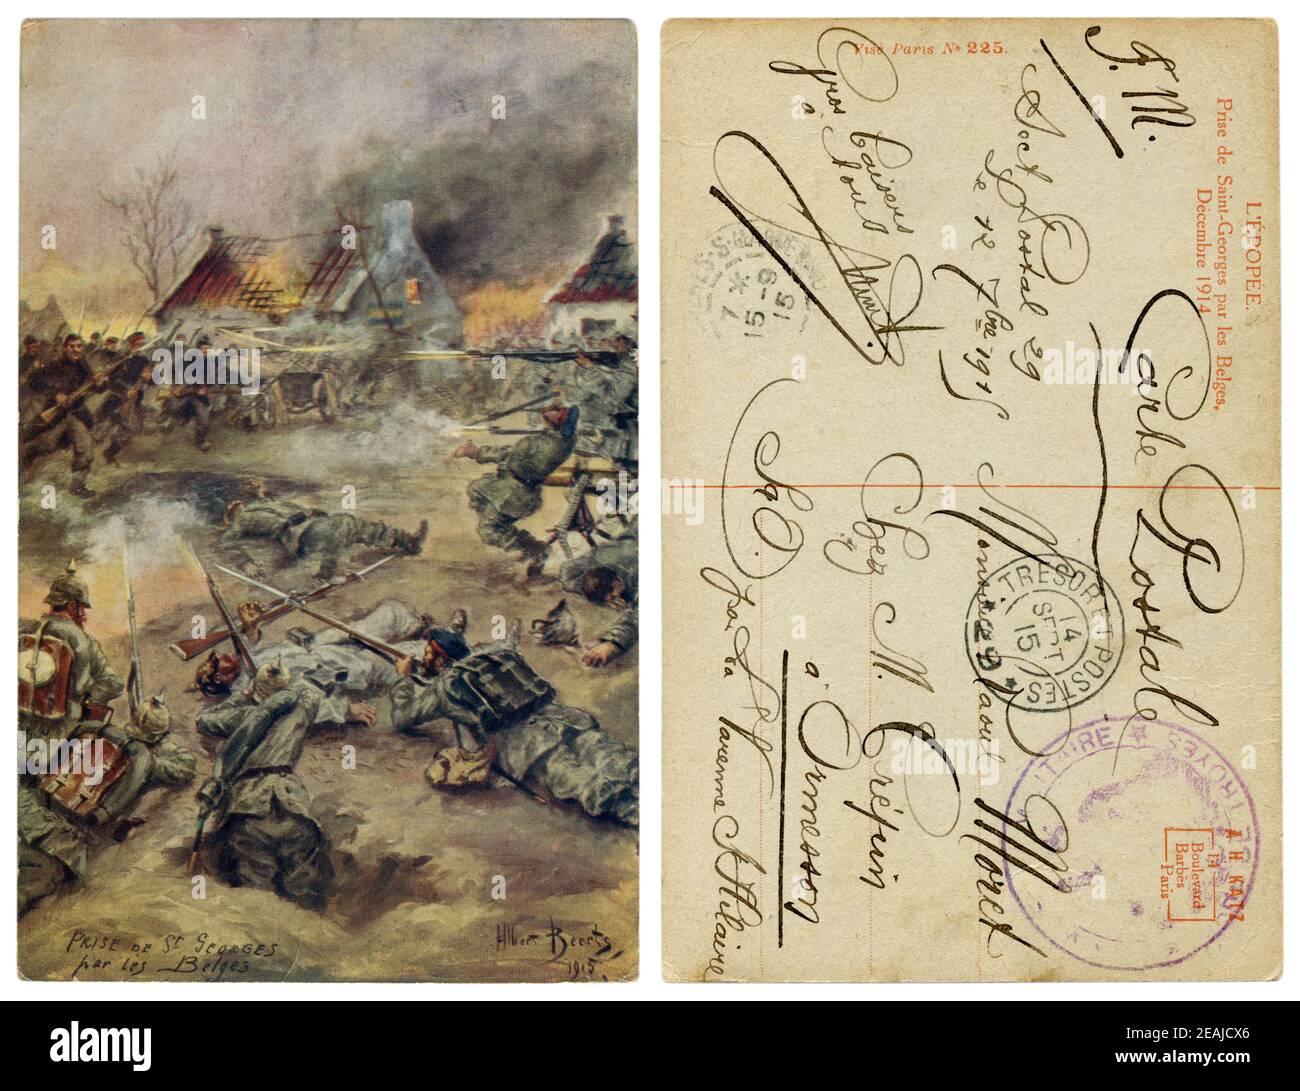 Storico francese cartolina: Cattura di Saint-Georges dai belgi. L'assalto della città dalla fanteria. Truppe tedesche in difesa. La prima guerra mondiale Foto Stock